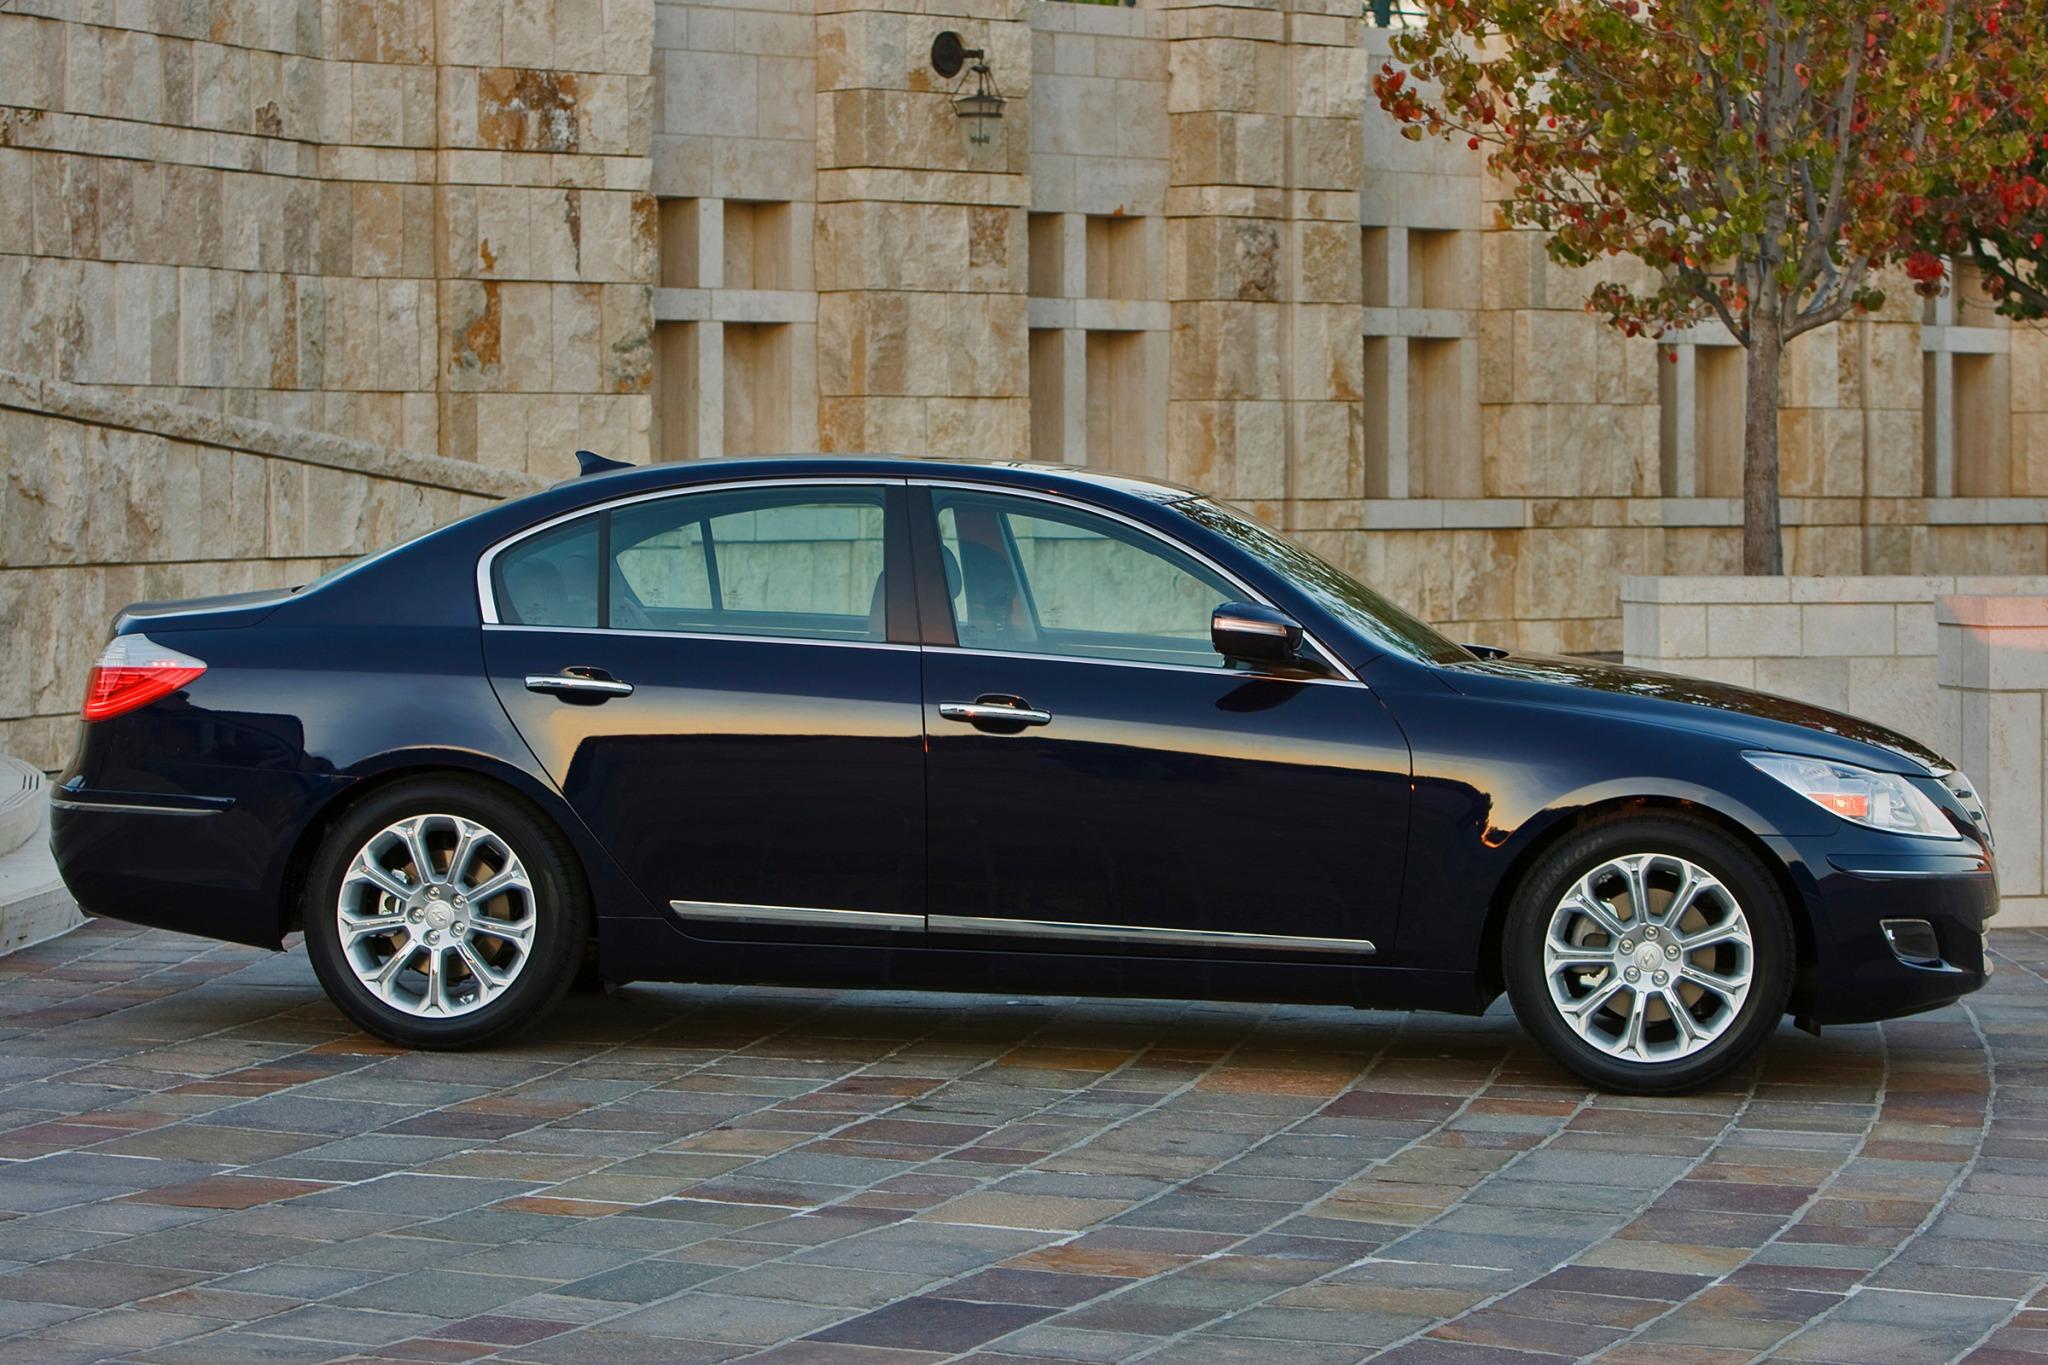 2009 Hyundai Genesis #3 2009 Hyundai Genesis 4.6 Exterior #3